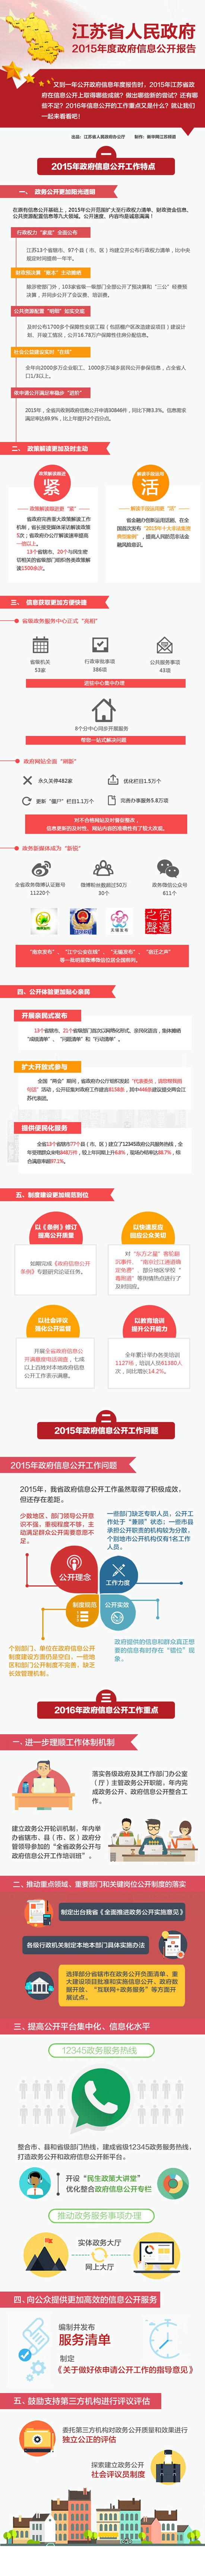 2015年江苏政府信息公开报告